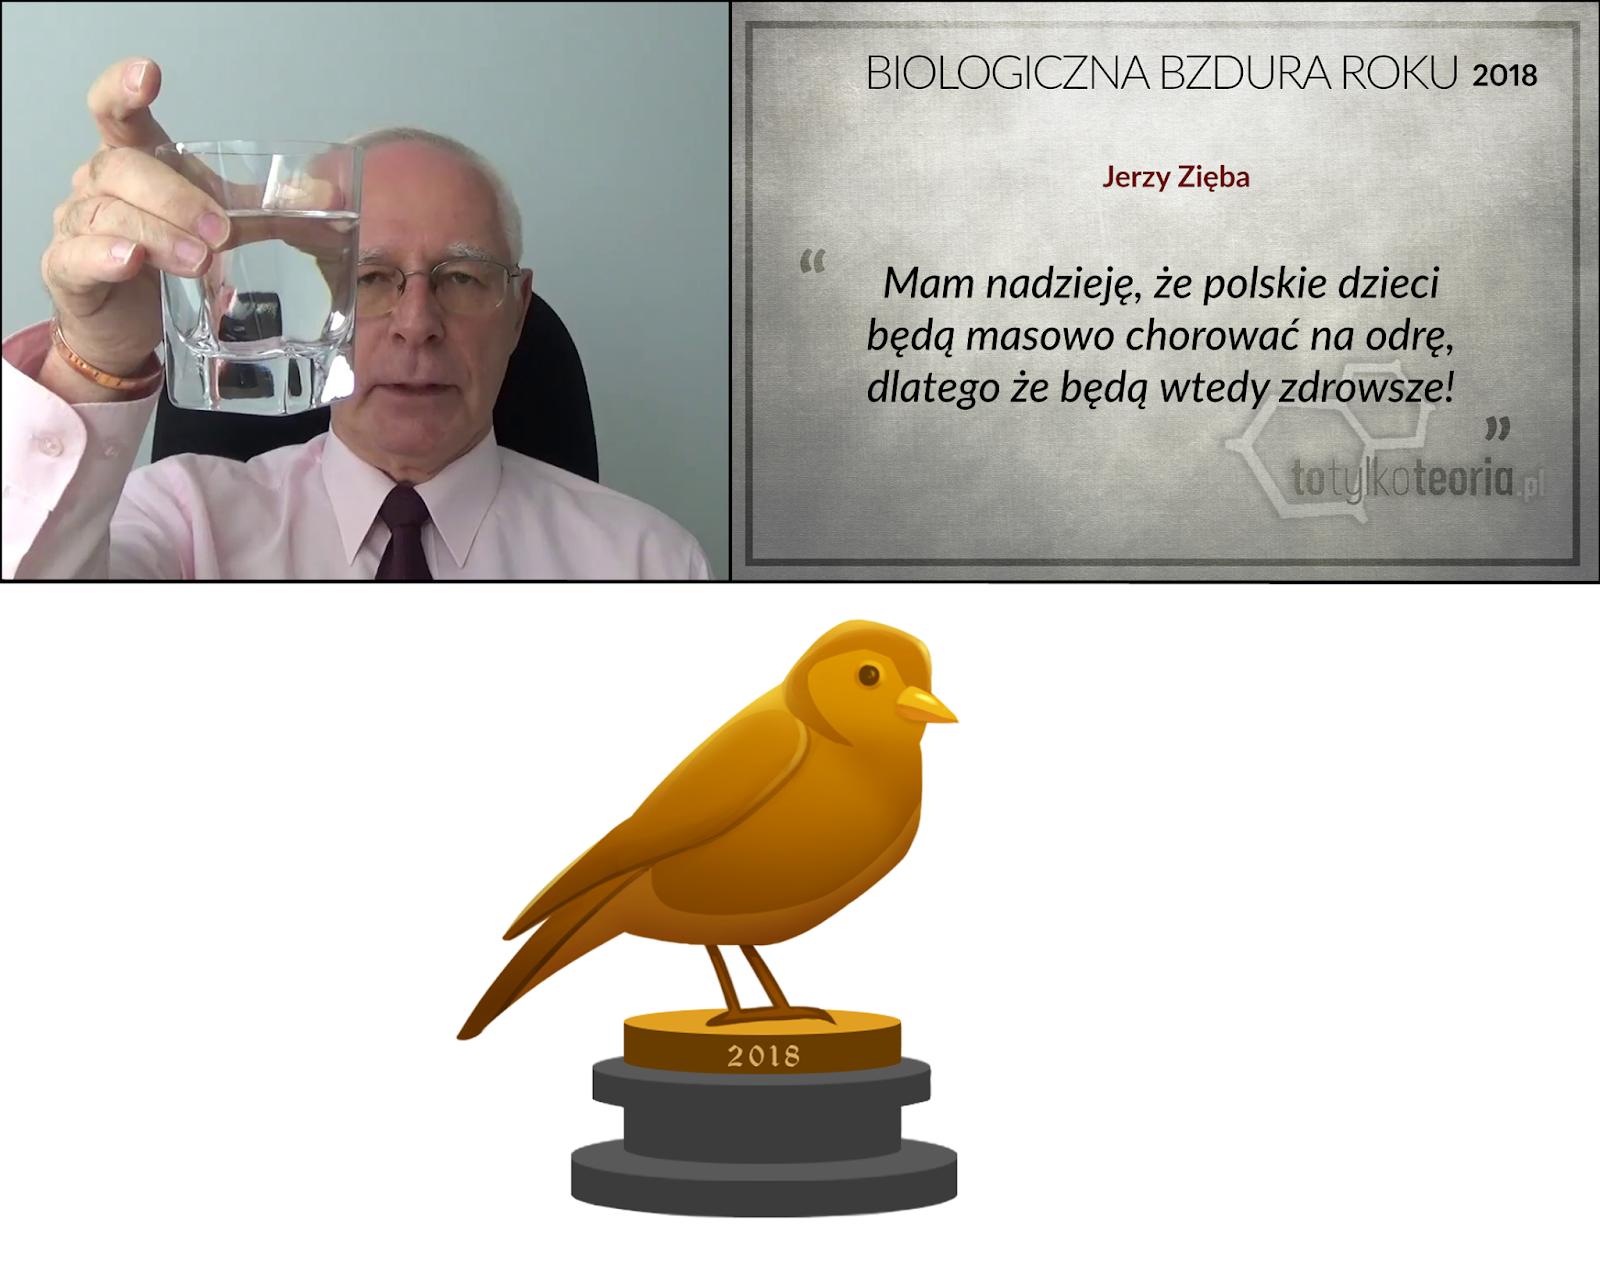 Jerzy Zięba Biologiczna Bzdura Roku 2018 odra